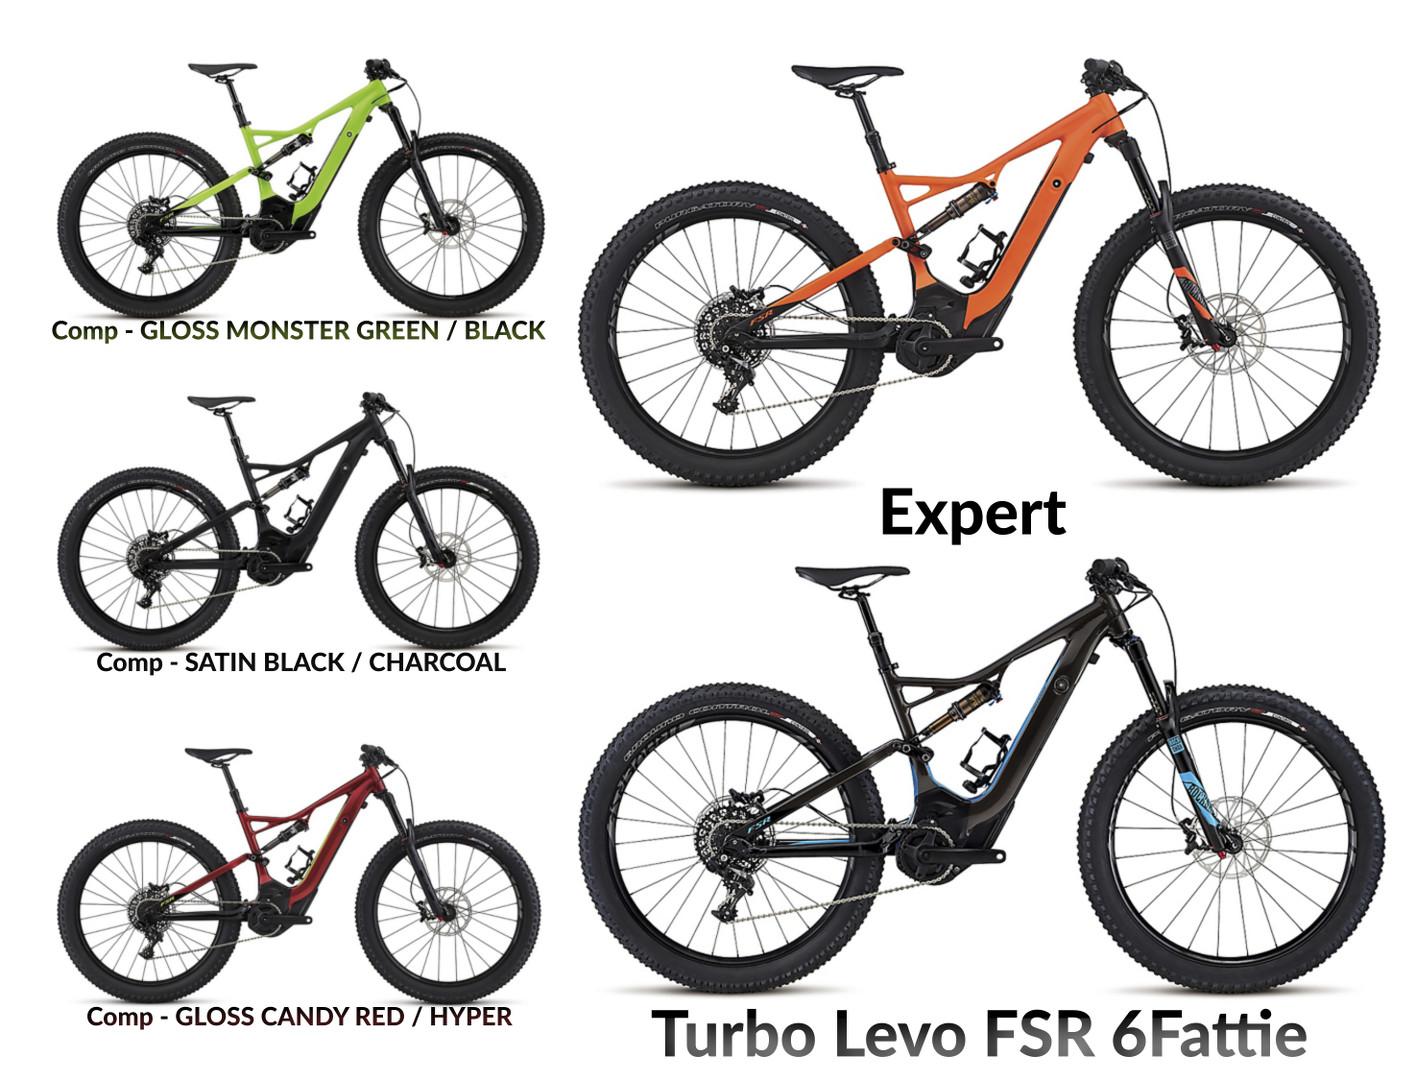 2017 Specialized Turbo Levo FSR 6fattie Modellübersicht